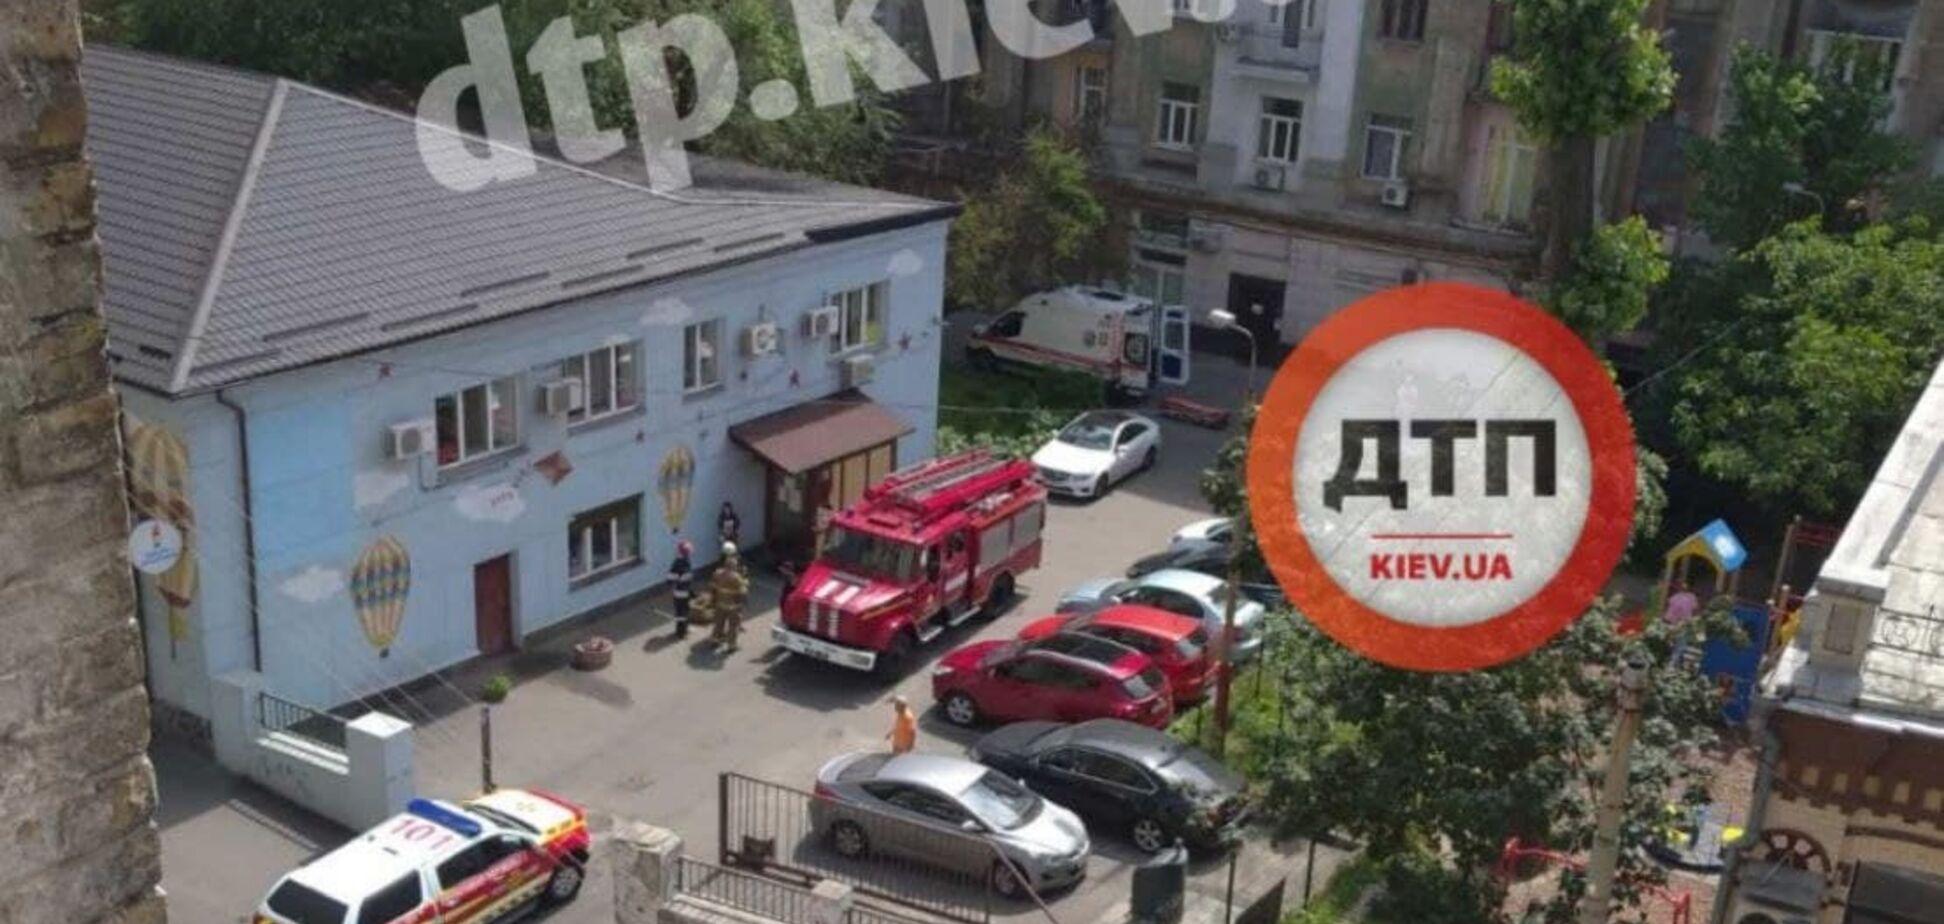 У Києві чоловік пішов у ванну кімнату і провалився разом із підлогою. Фото, відео